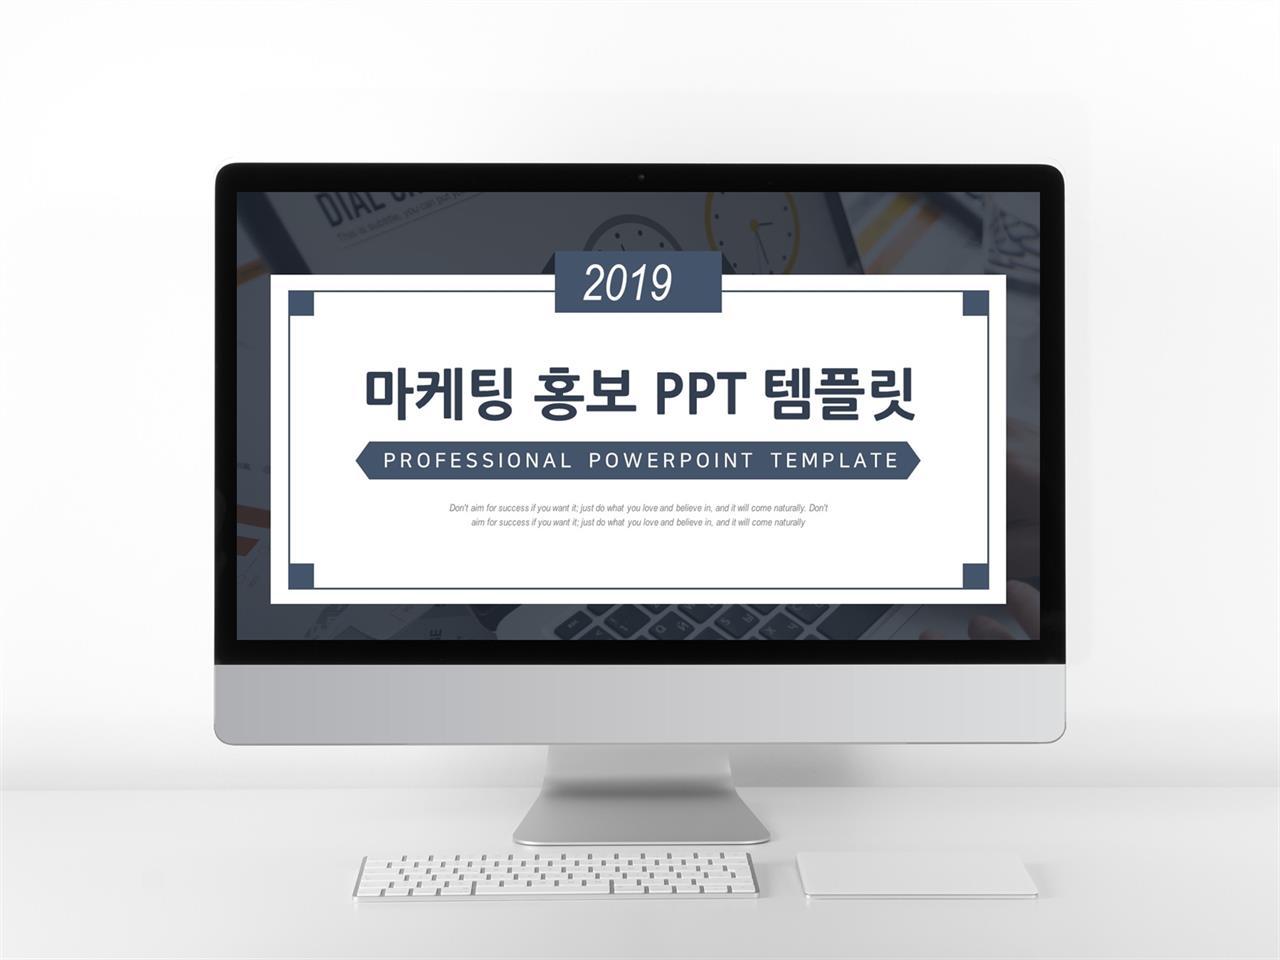 사업융자 남색 화려한 고퀄리티 PPT배경 제작 미리보기